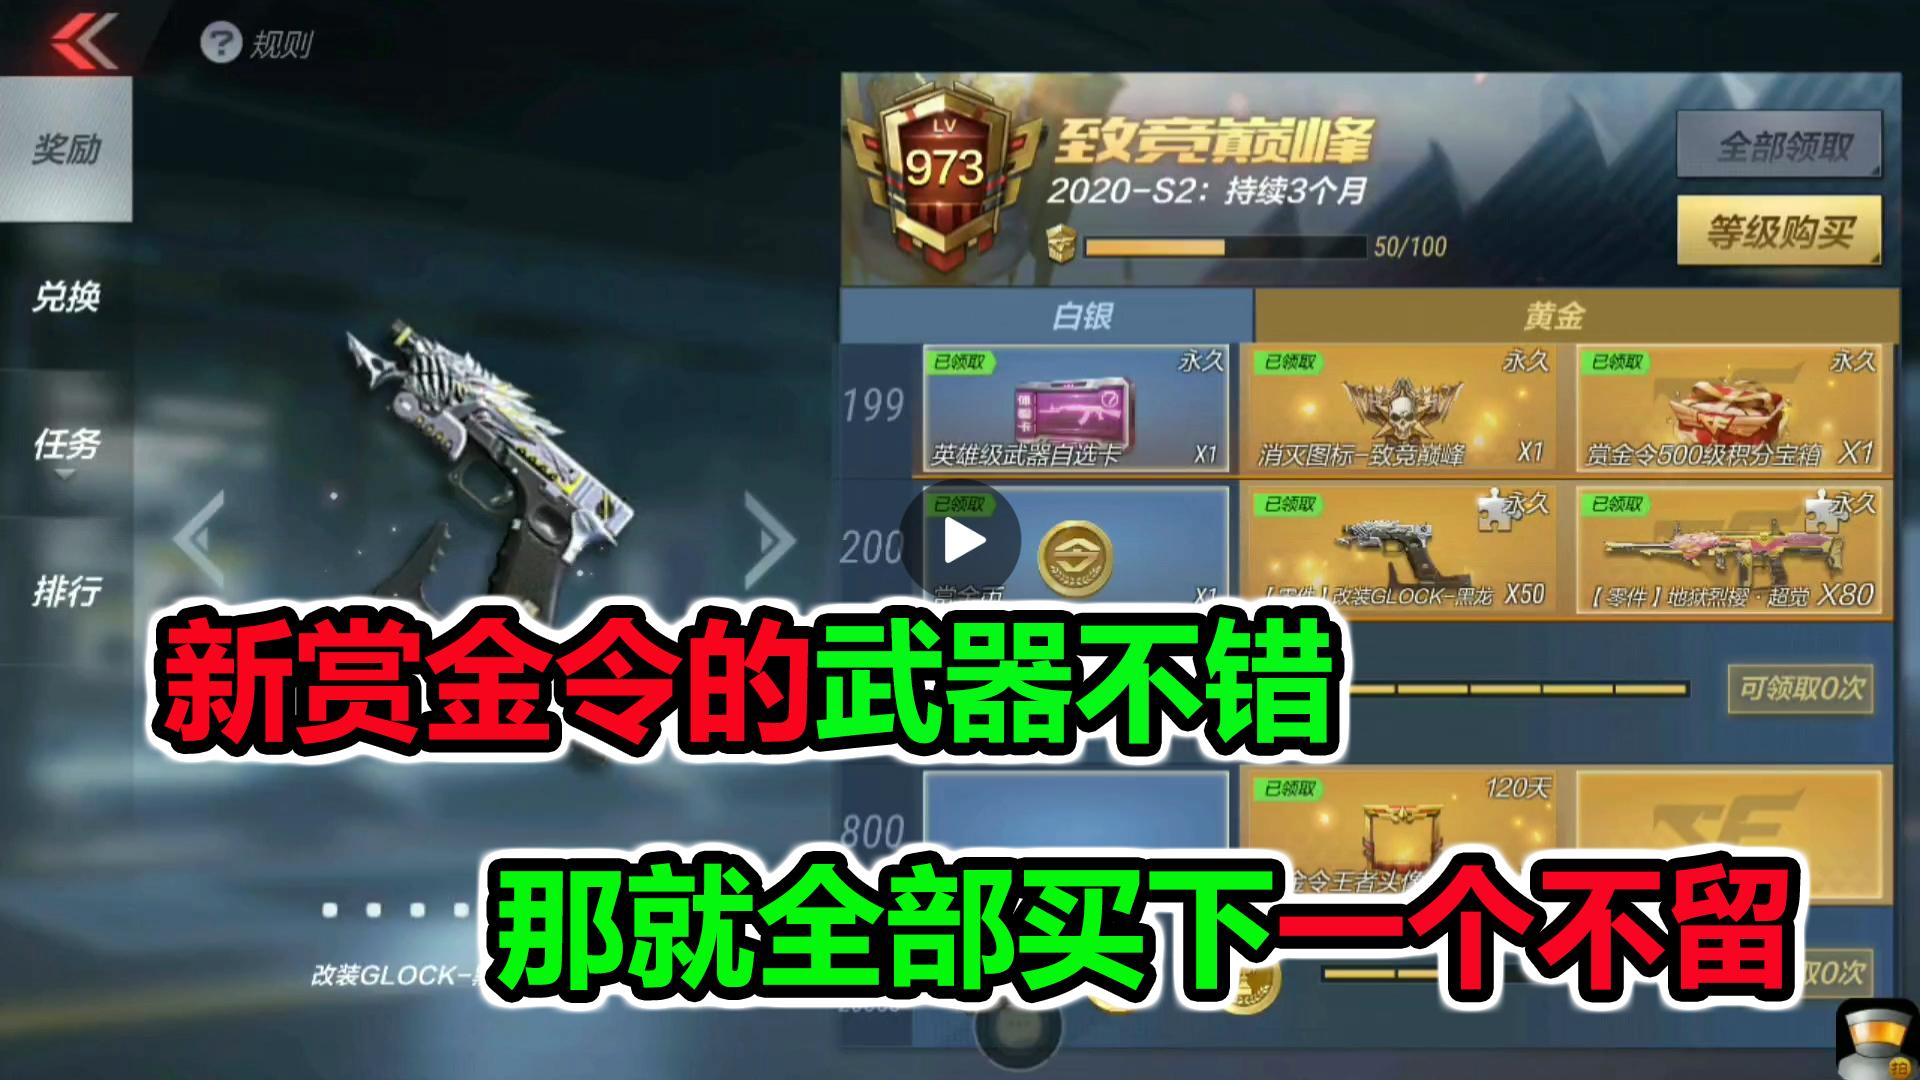 落星:新赏金令的武器看起来很不错,那就全部买下,一个不留